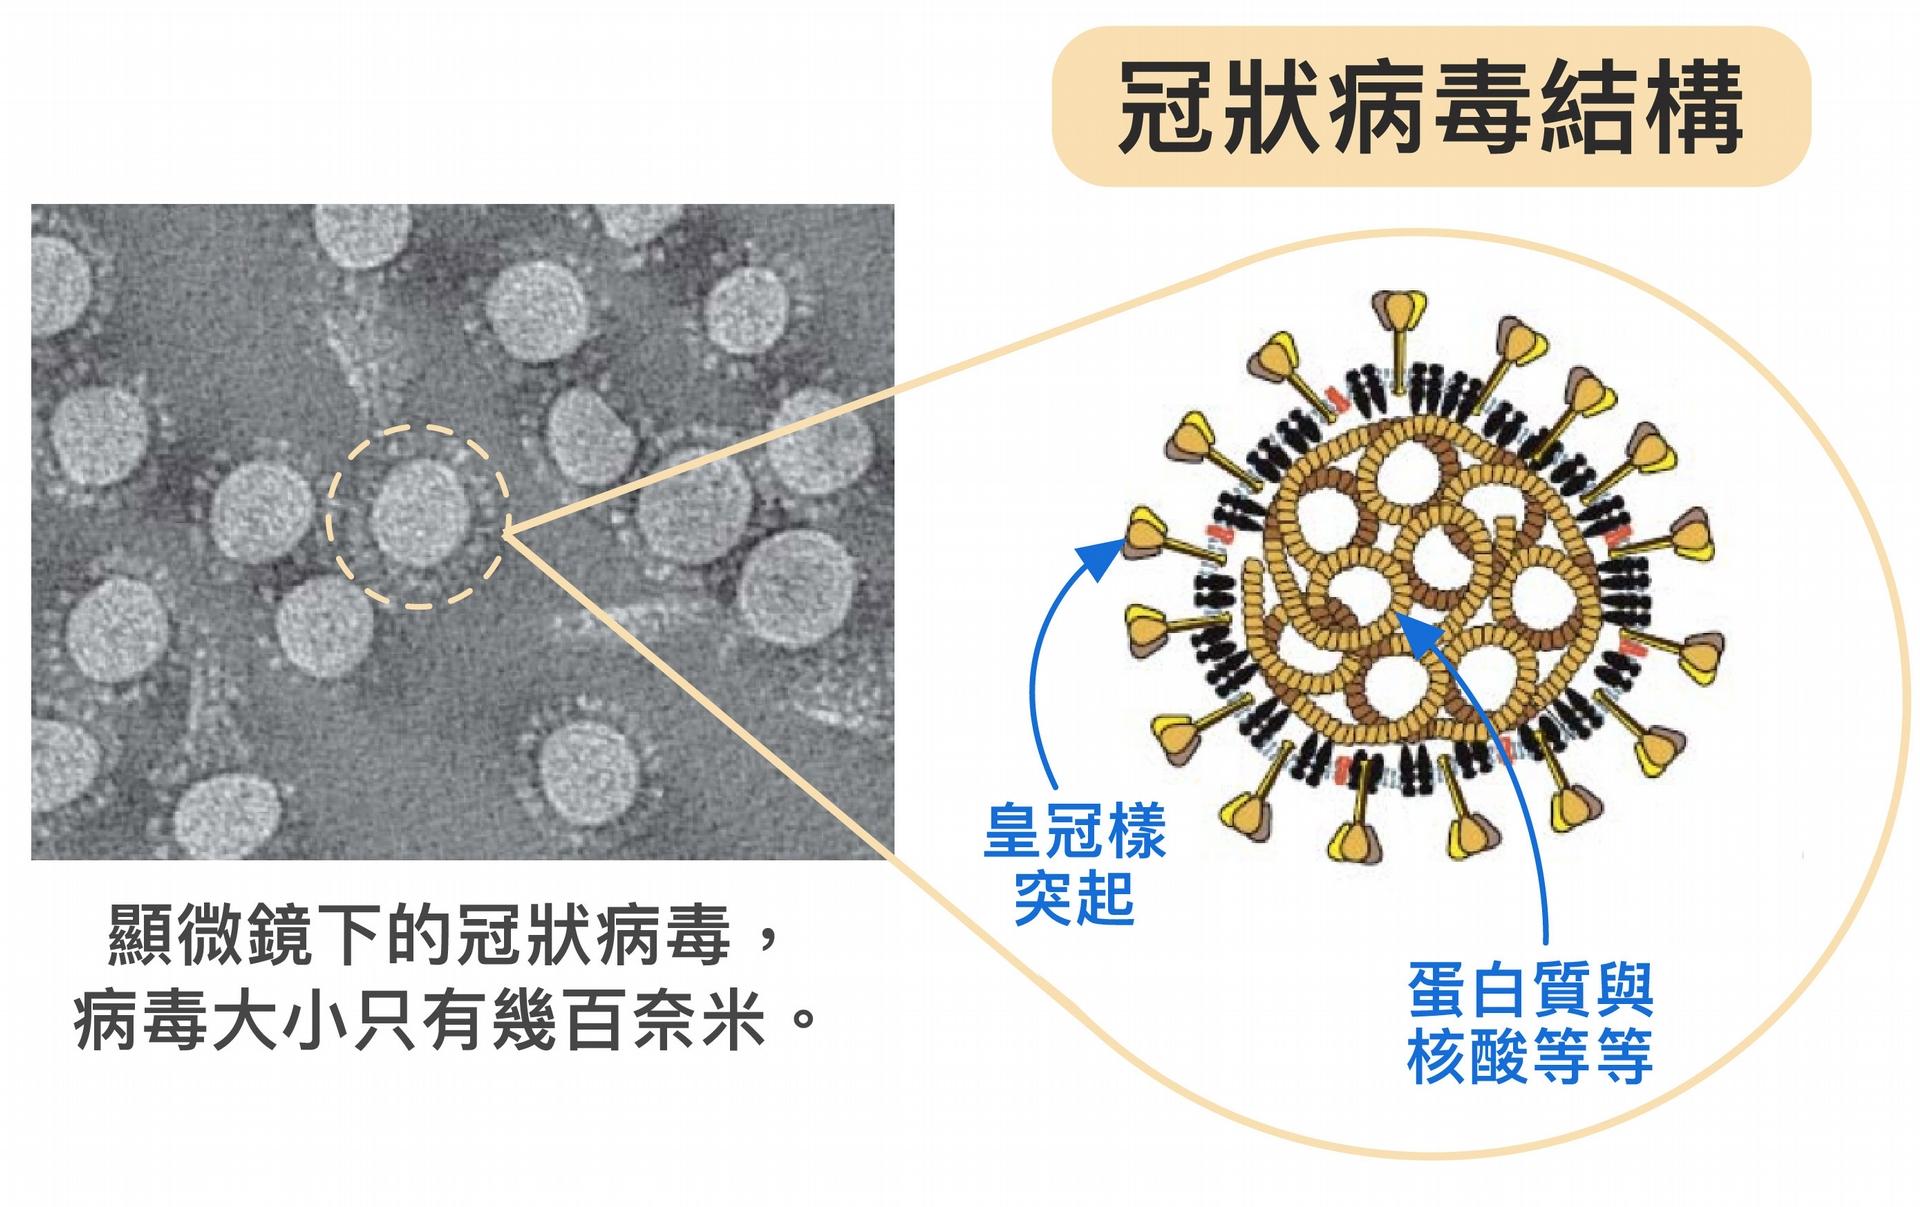 冠狀病毒體型不但非常微小,只有幾百奈米,外表為薄殼,具有特殊皇冠樣突起,內部中空,裝著密度高的蛋白質、基因等。病毒藉由宛如超迷你戰艦的構造,將蛋白質、核酸送入人體並綁架細胞。要是將病毒的成分全部拆解、變成單一的核酸或蛋白質等,威力不會這麼強大。 <br>圖片來源│胡哲銘 <br>圖說美化│林洵安